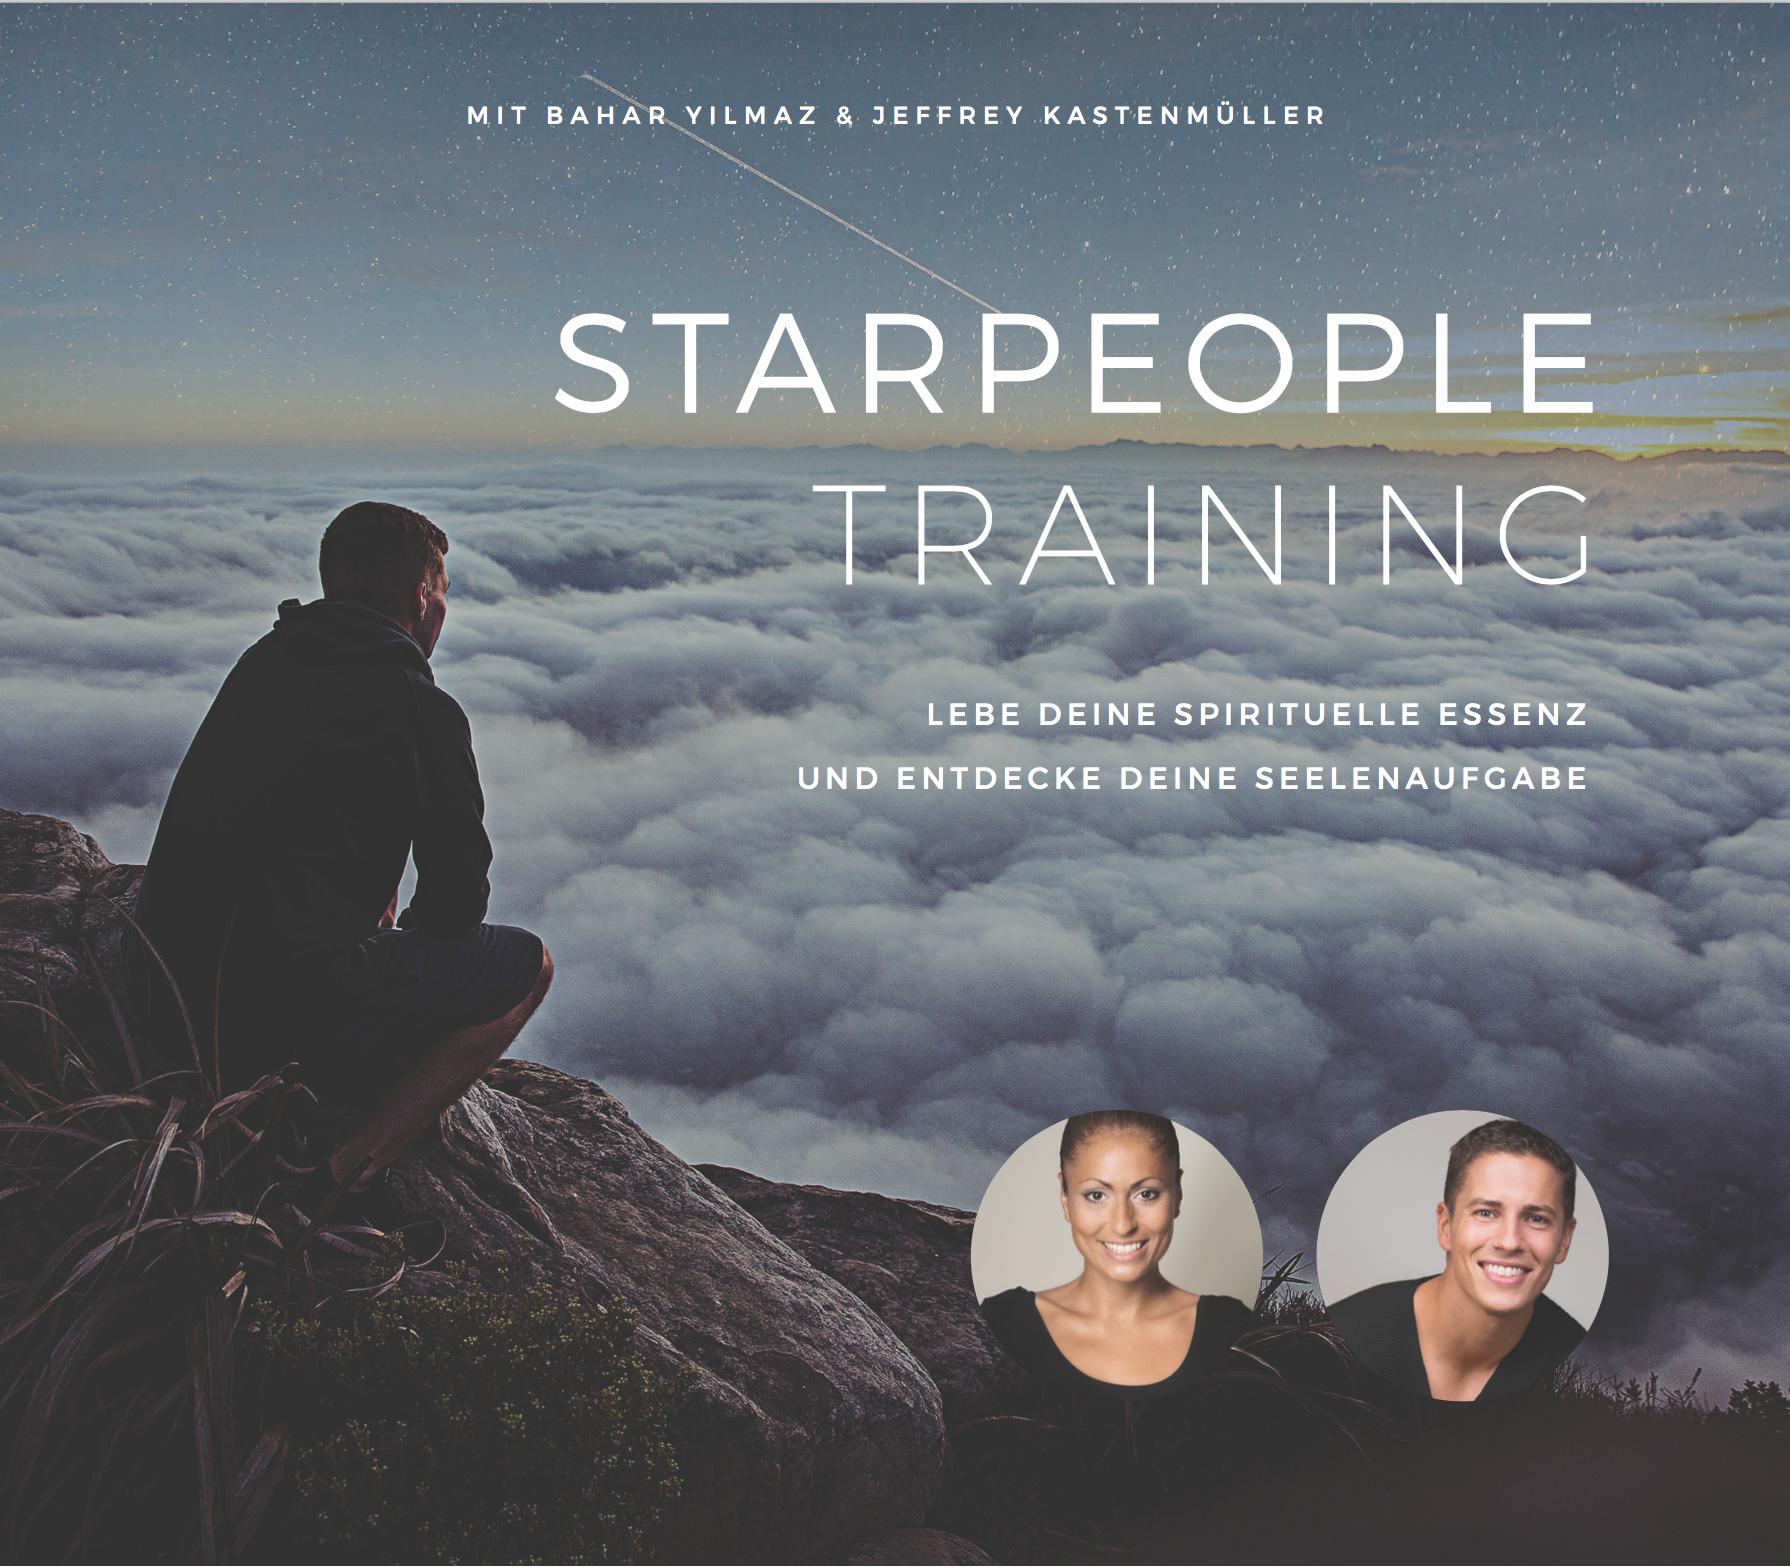 STARPEOPLE Training - Lebe deine spirituelle Essenz und entdecke deine Seelenaufgabe